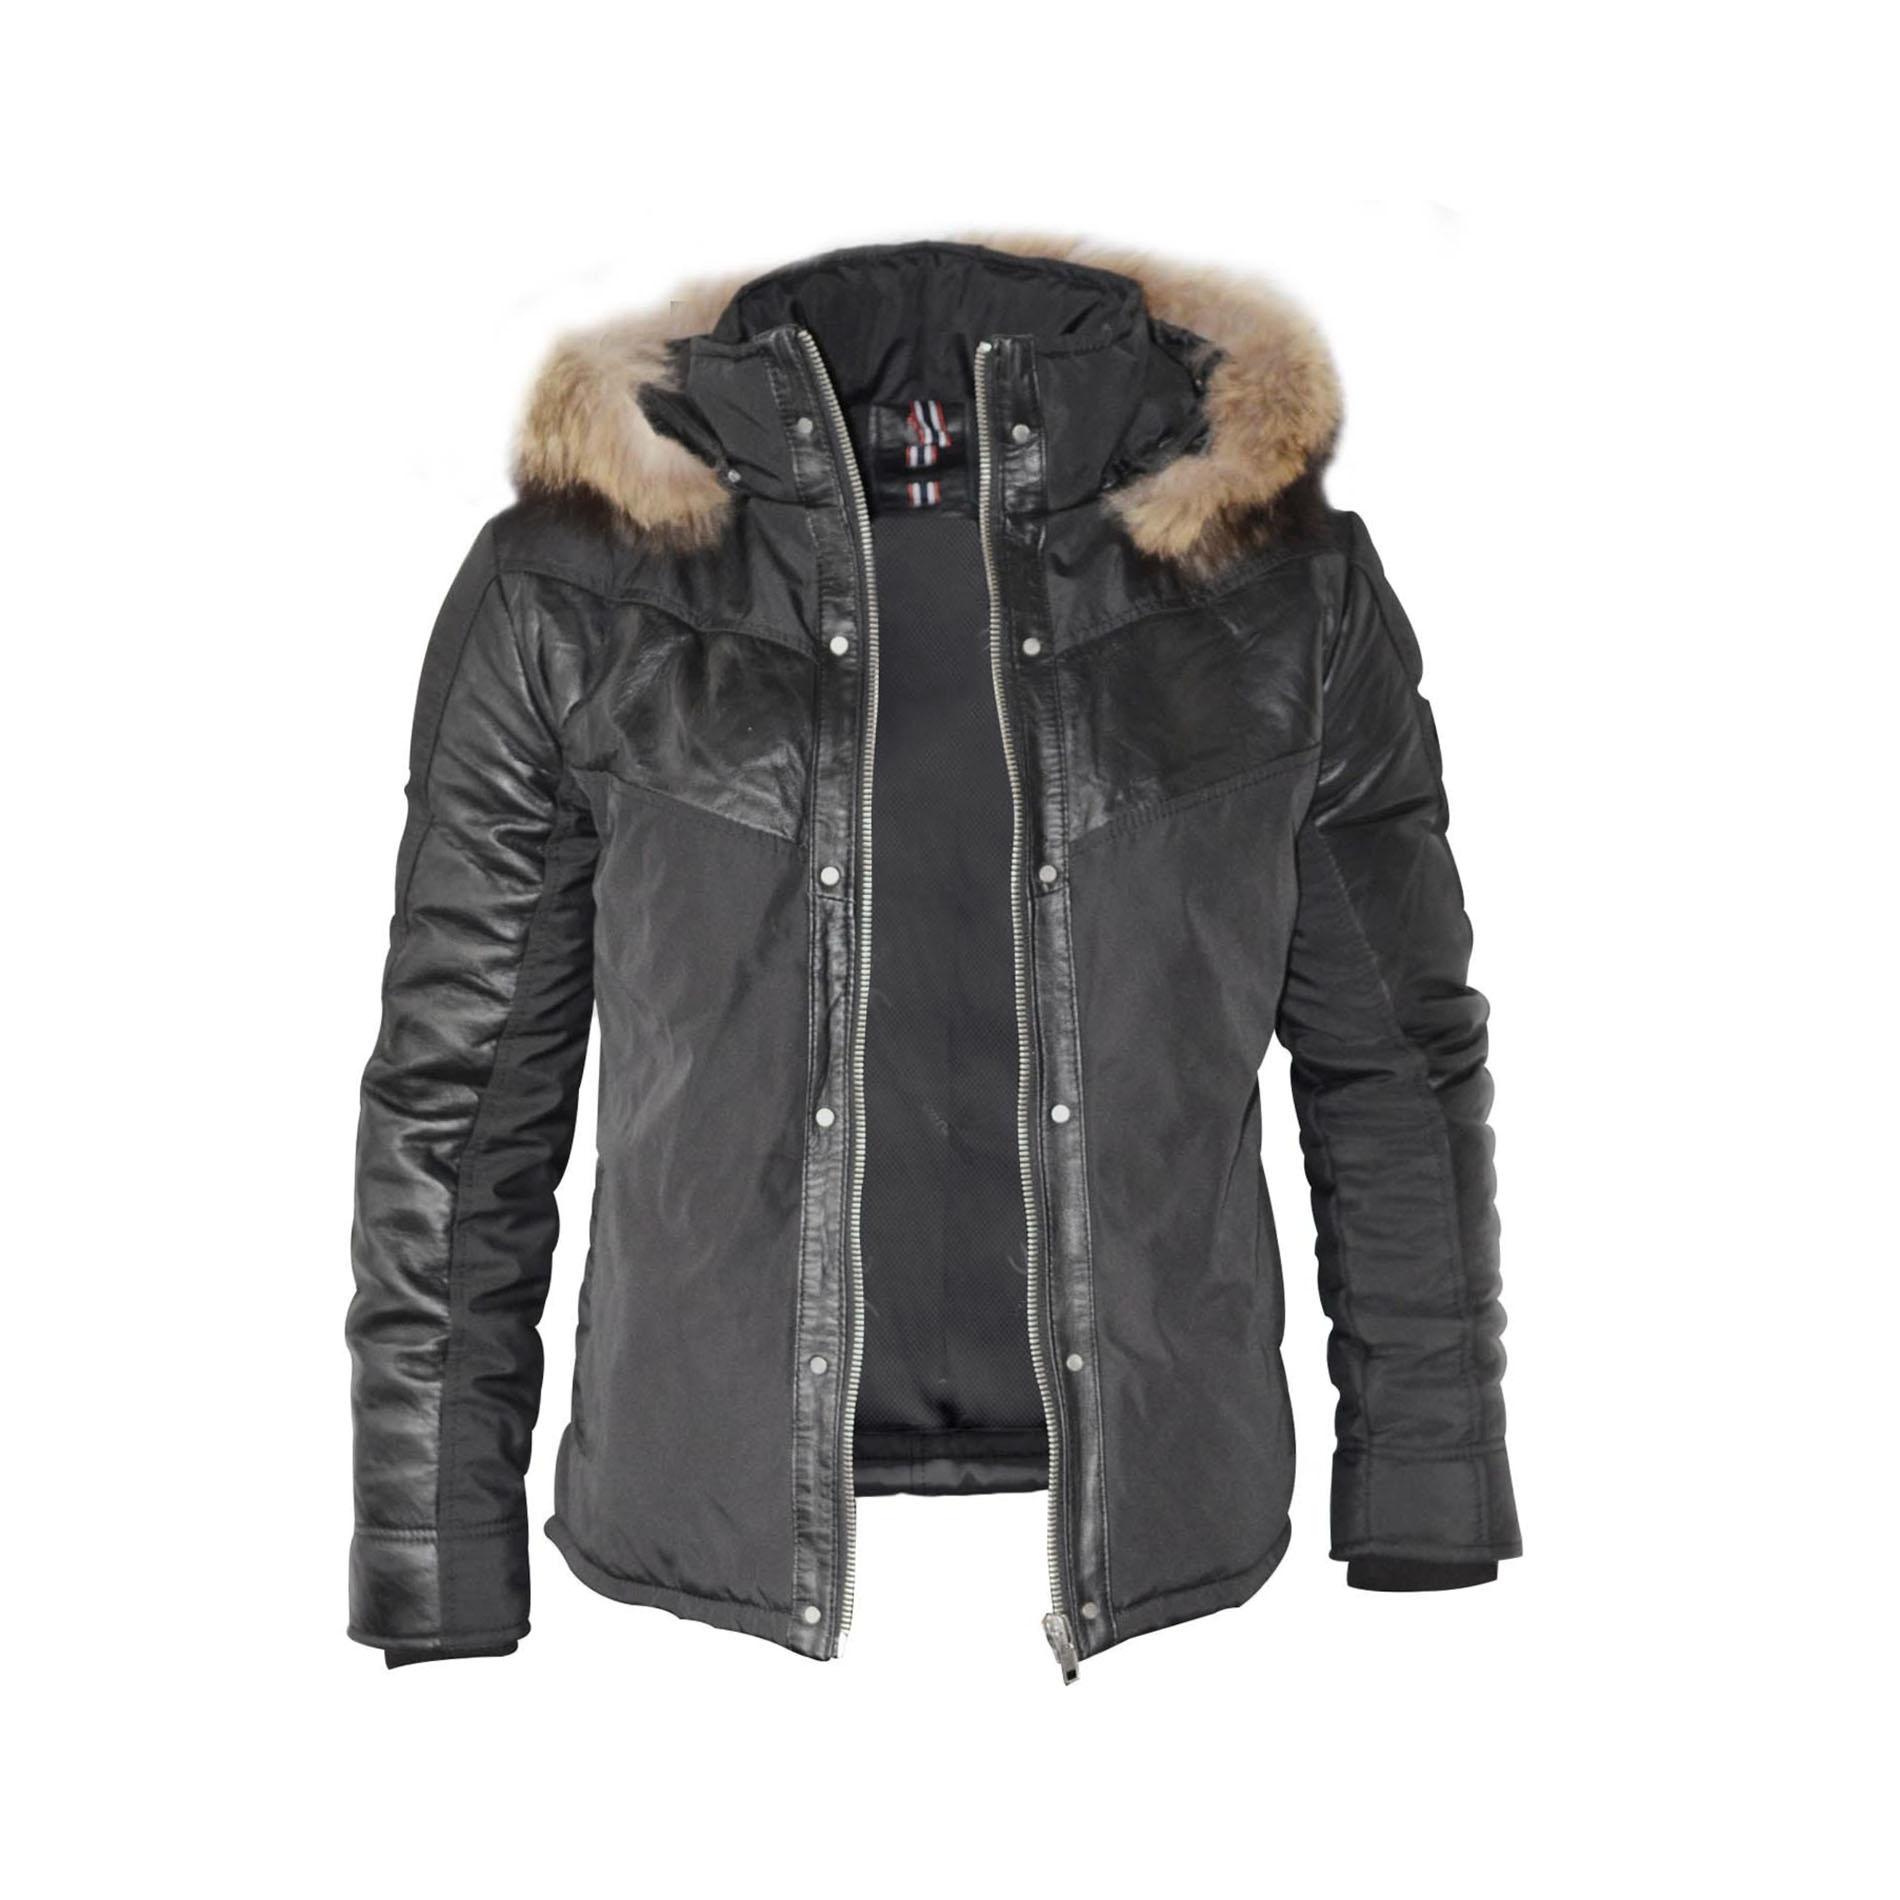 altrov furral veste doudoune homme fourrure et cuir v ritable noire courte doudoune fourrure. Black Bedroom Furniture Sets. Home Design Ideas